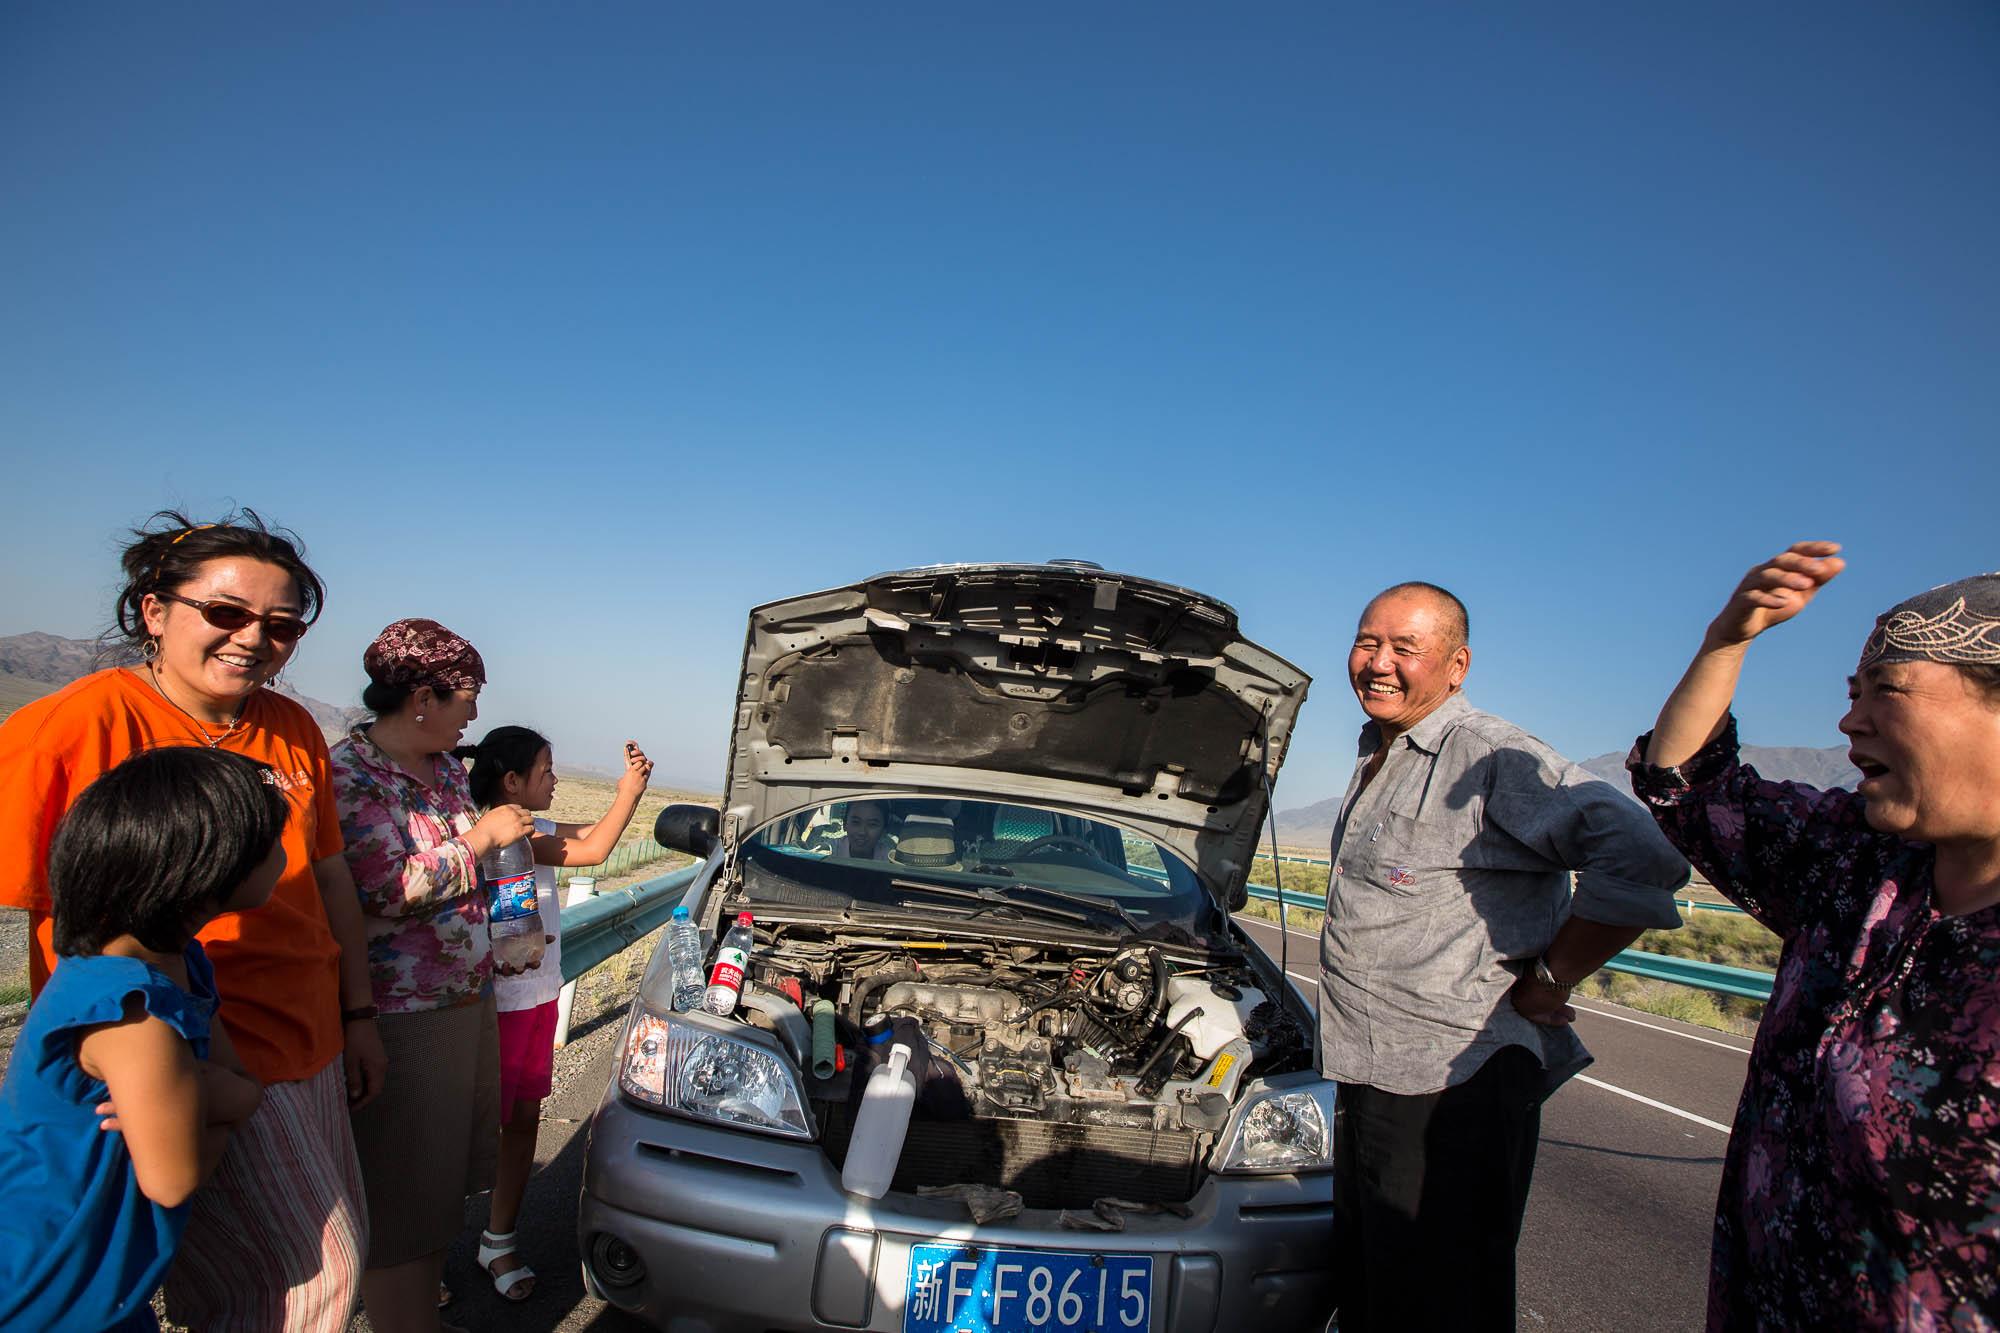 their car broke down